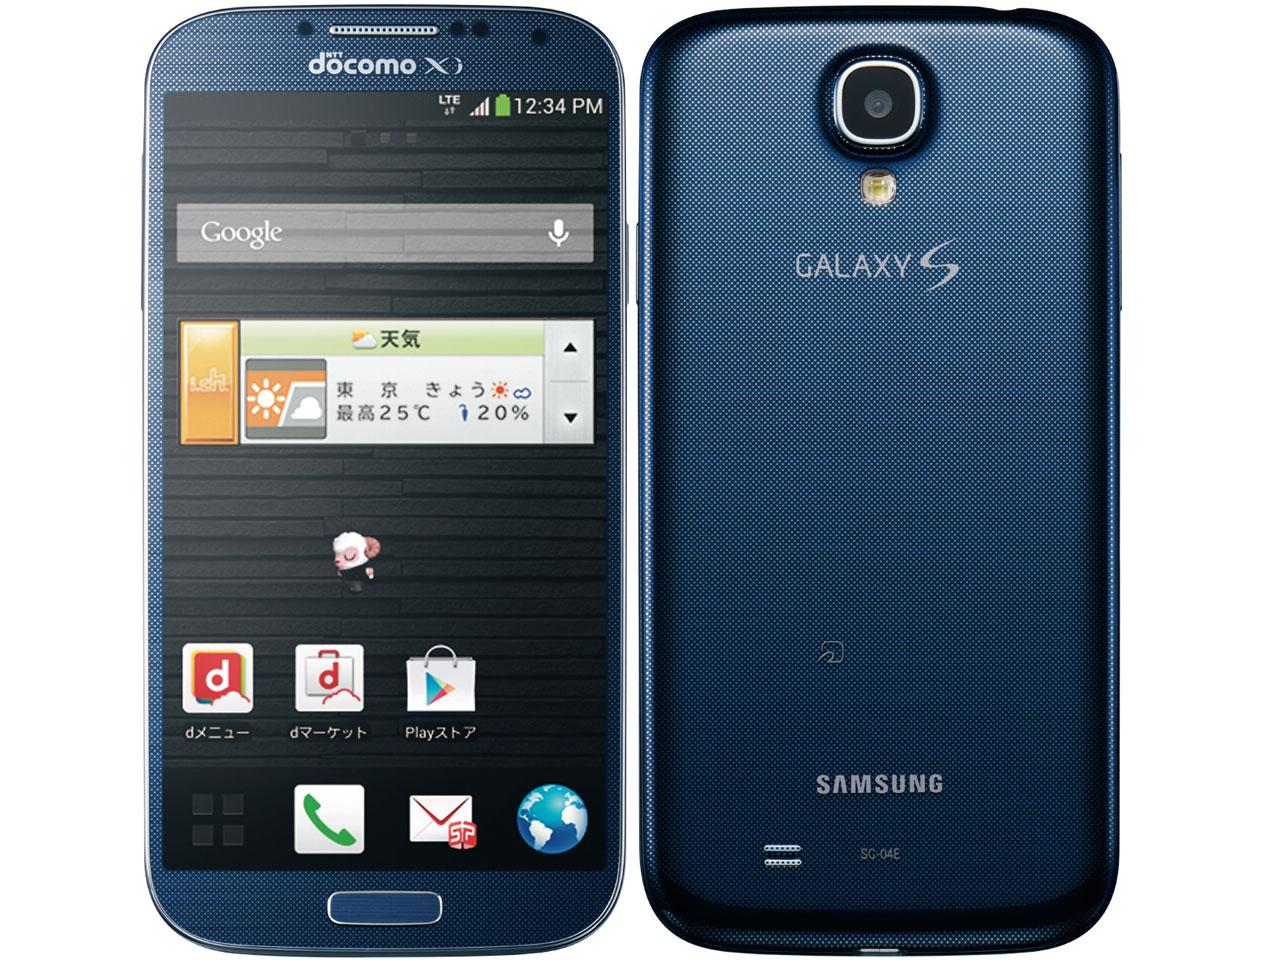 ポイント5倍![中古 ジャンク] docomo Galaxy S4 SC-04E ブルー 本体のみ 【白ロム】【スマホ】【格安スマホ】